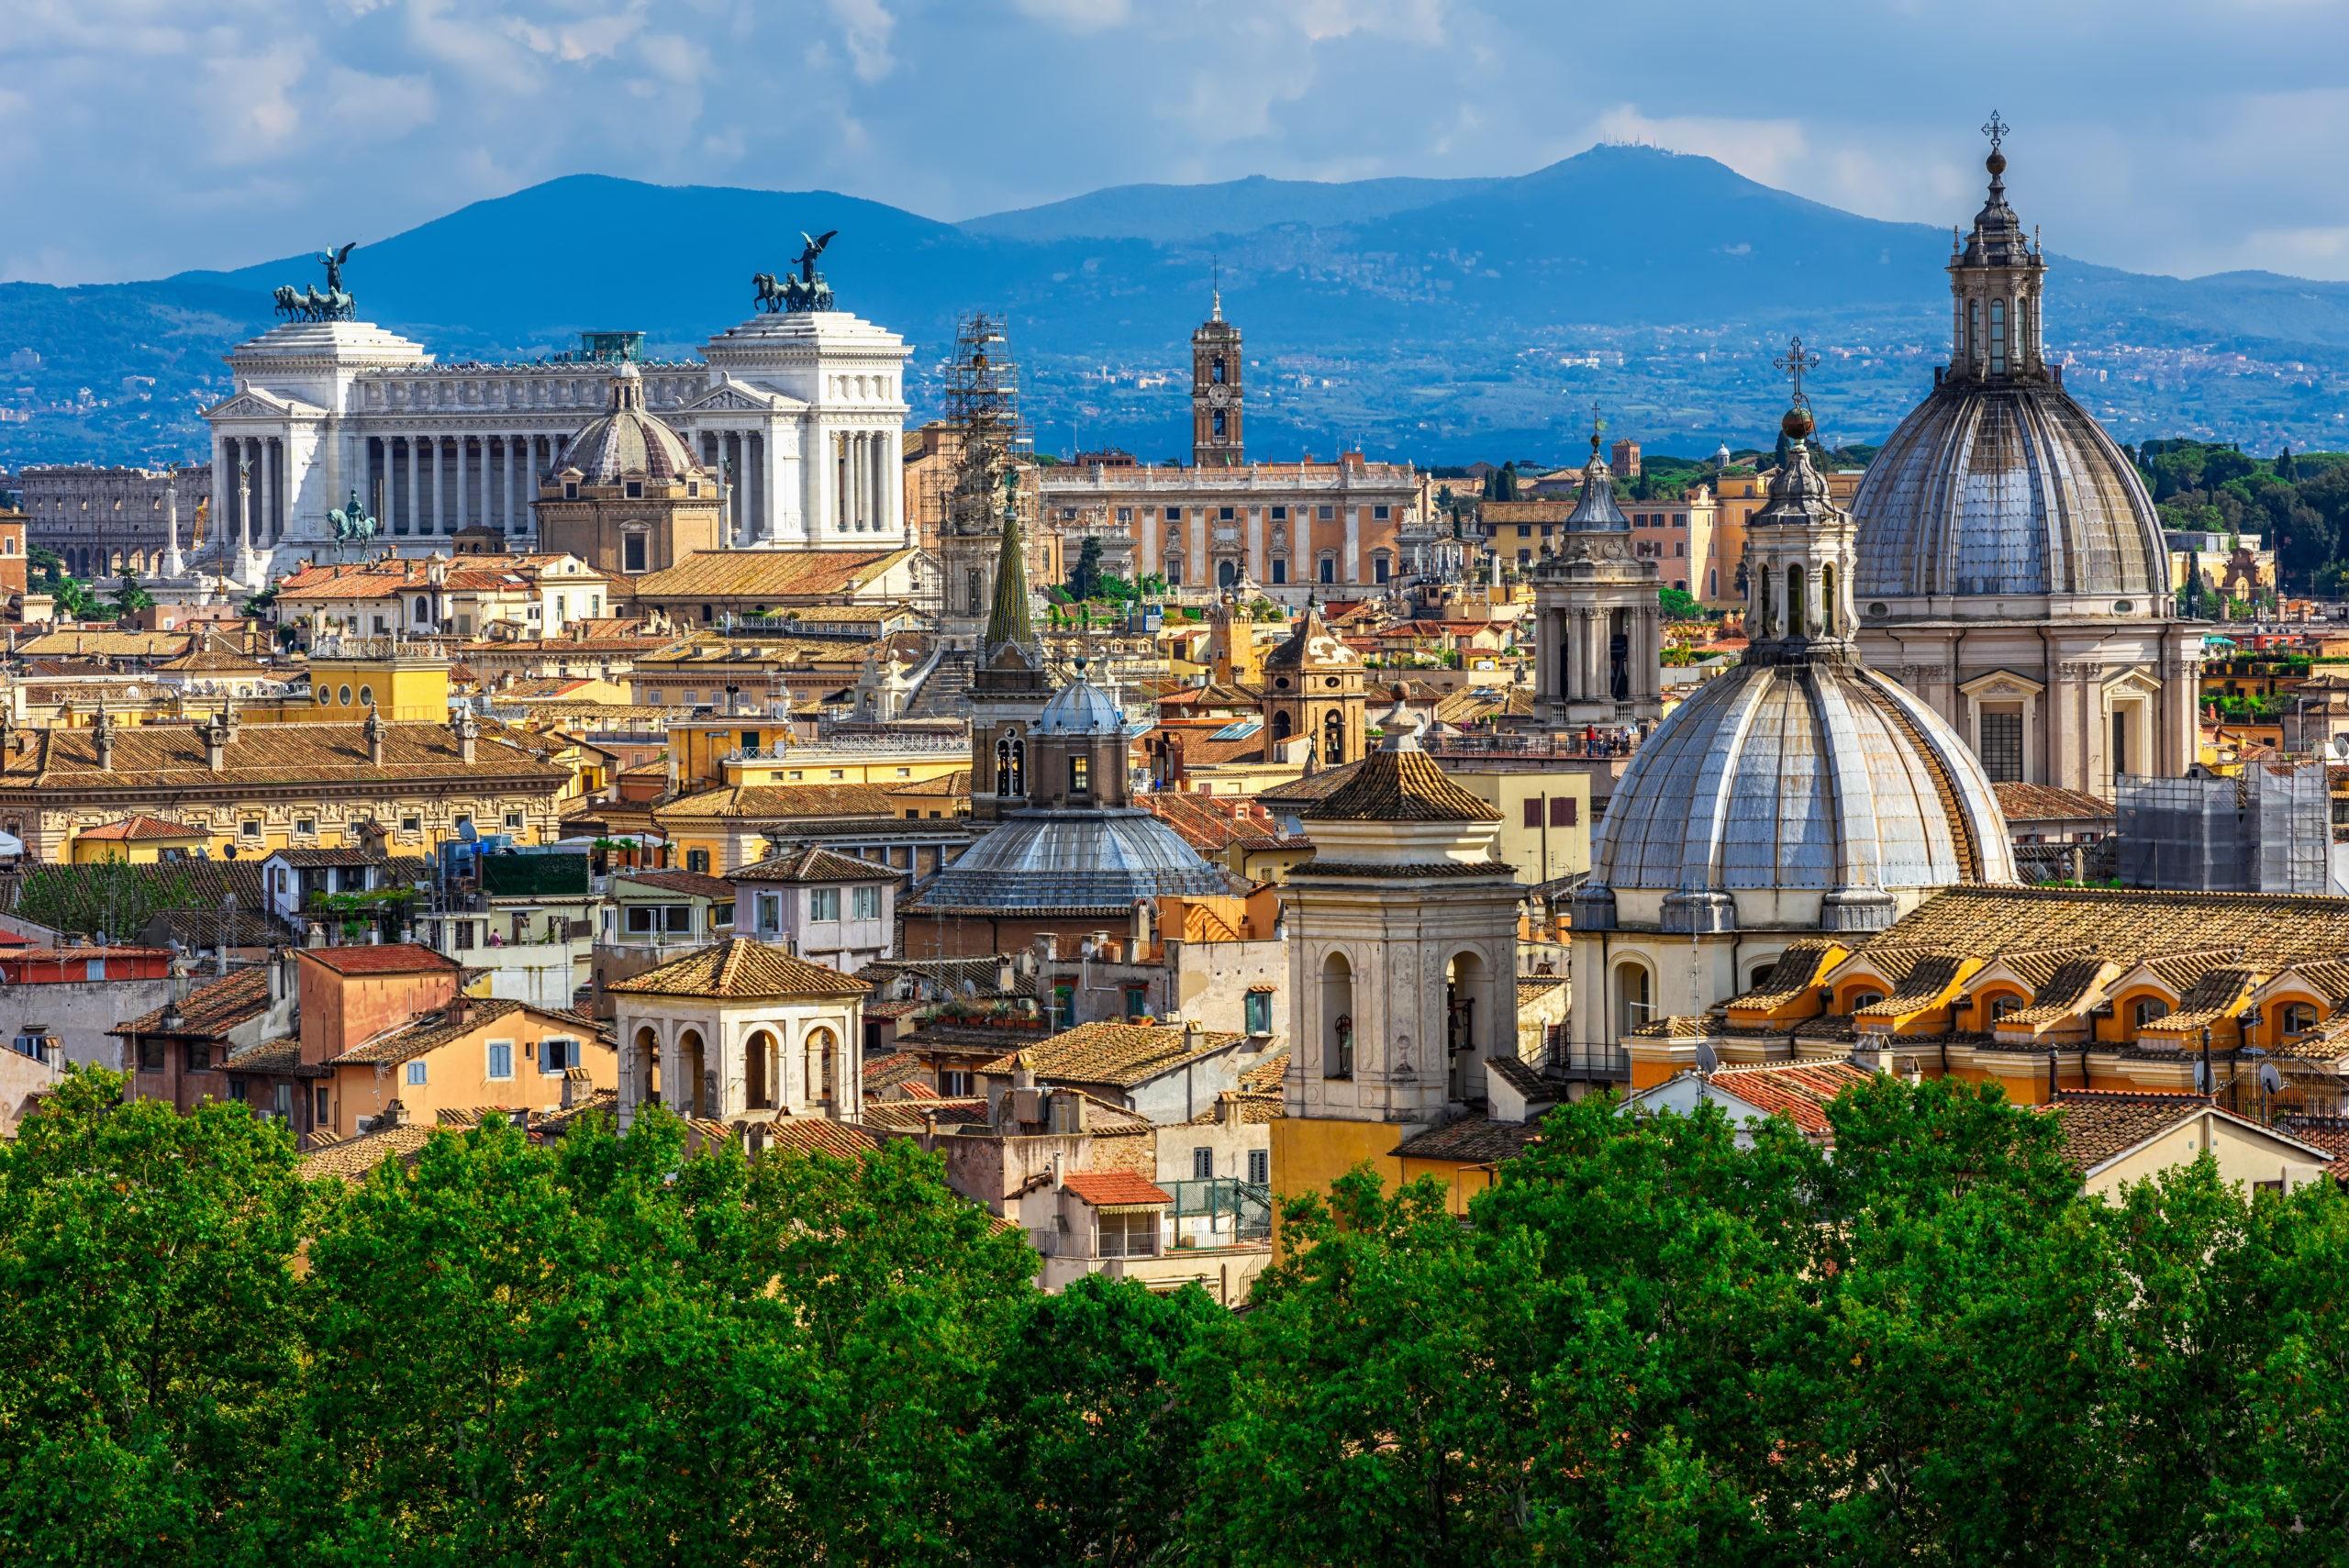 Jak tanio zwiedzić Rzym